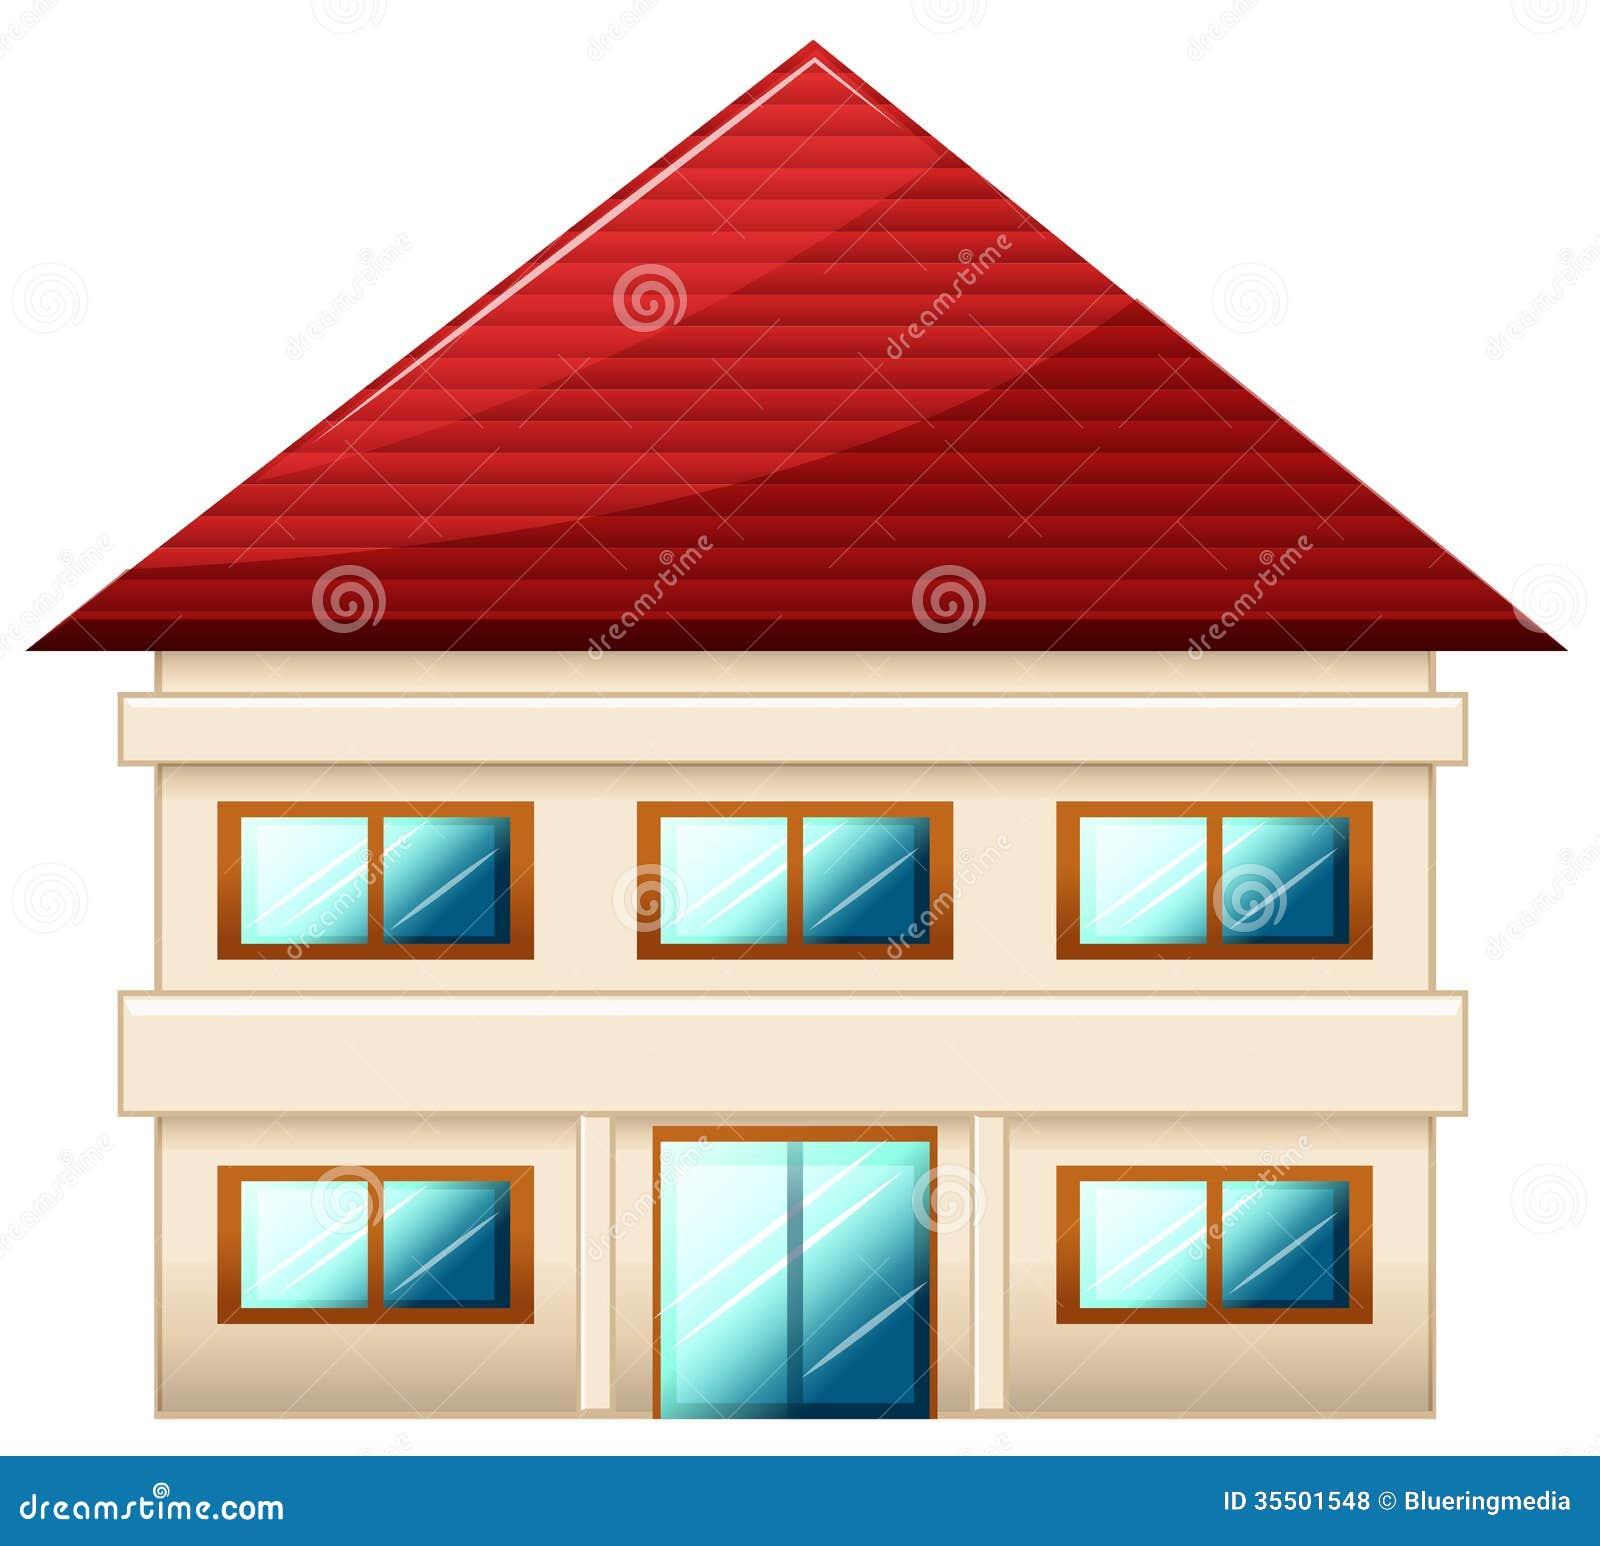 Una singola villetta a due piani illustrazione vettoriale for Software di piani di costruzione casa